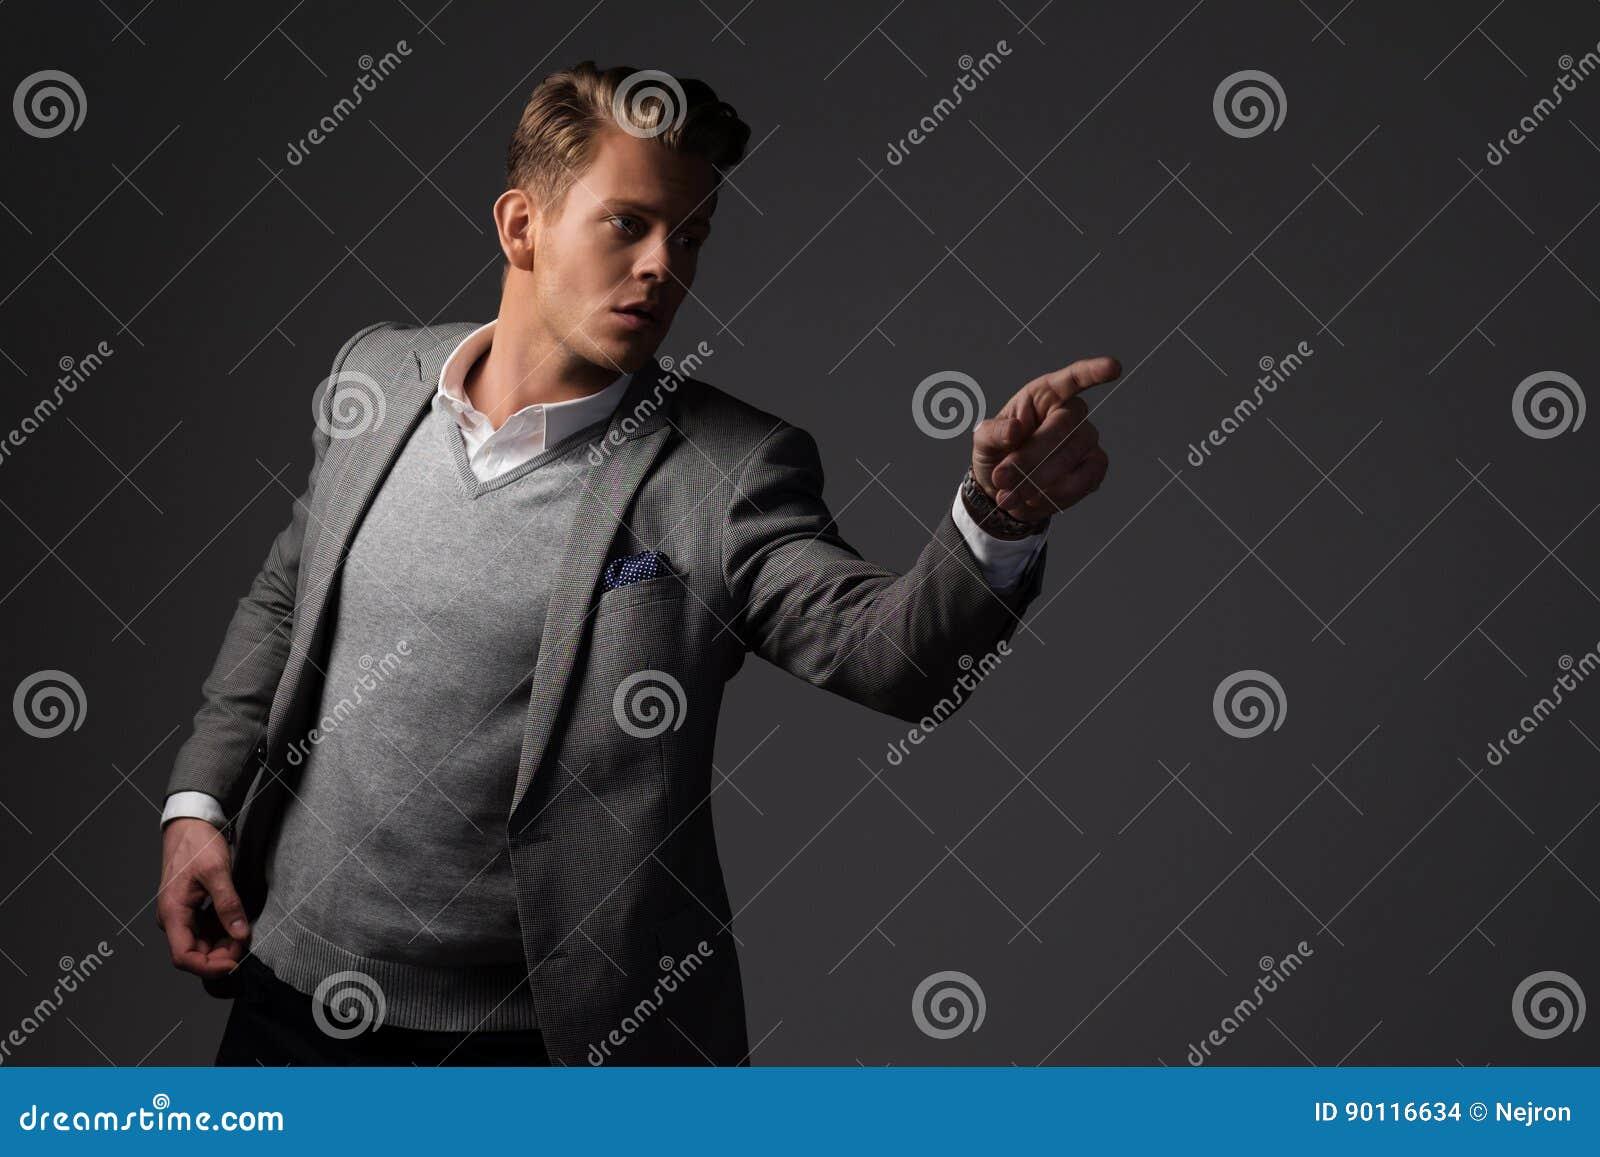 Image Sûr Par Photo Homme Stock Dièse Dans Habillé Veste Grise La UTUqgwC